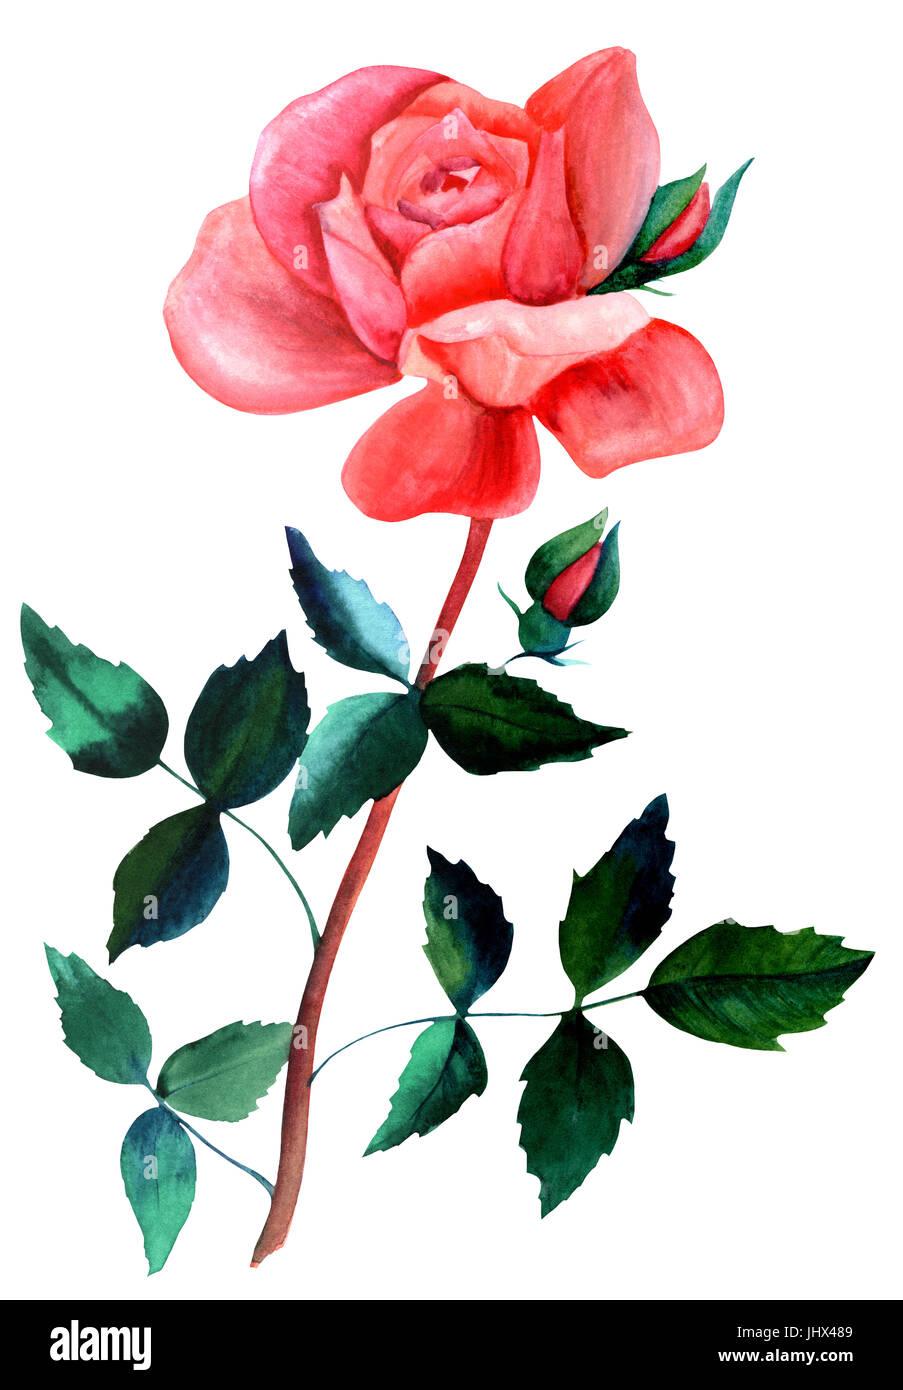 Ein Aquarell Zeichnung von einer roten rose Blume